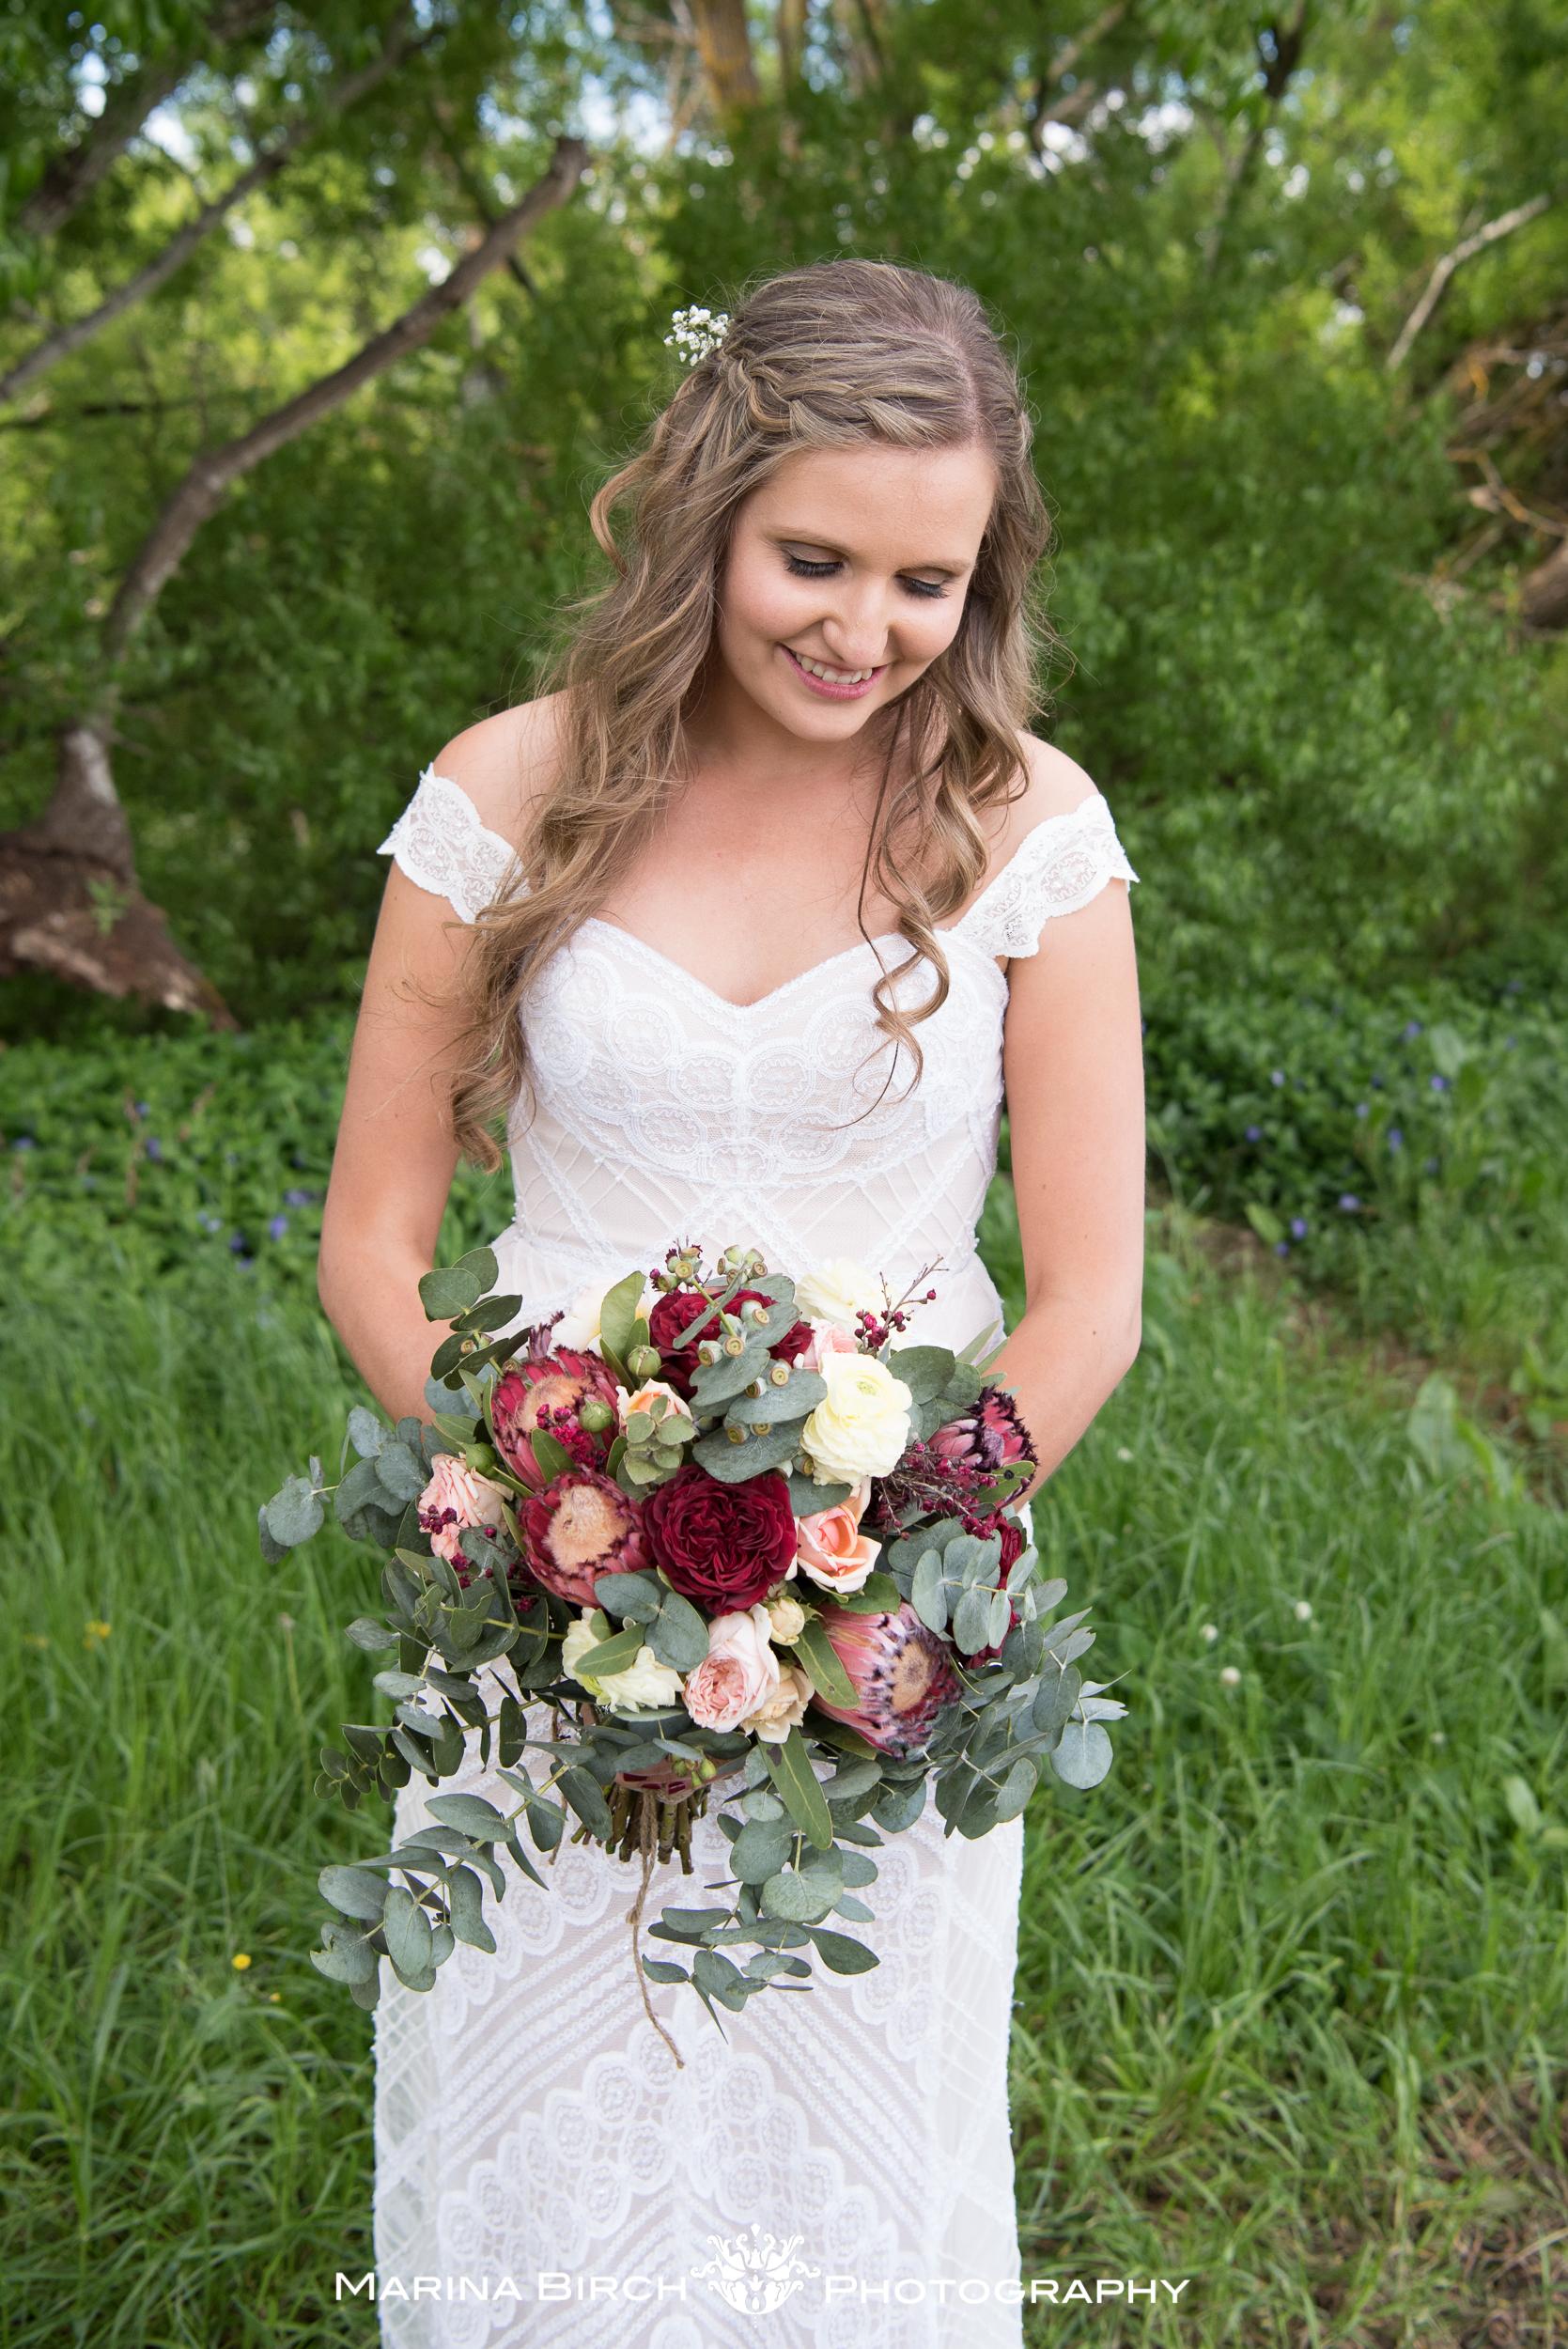 MBP.wedding -26.jpg